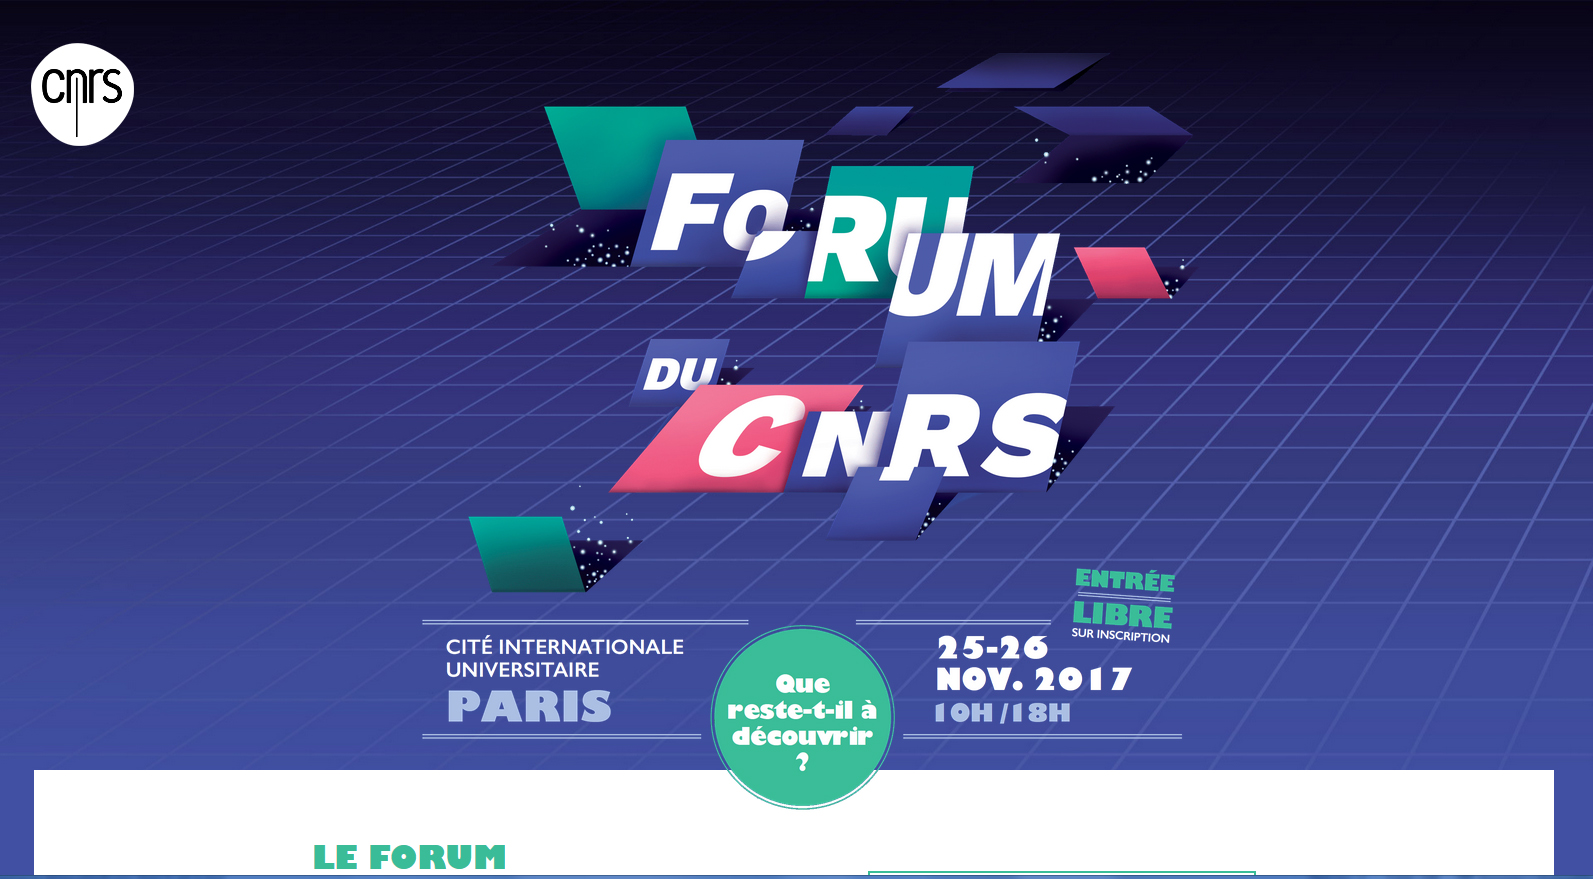 forum-cnrs-nov-2017.jpg